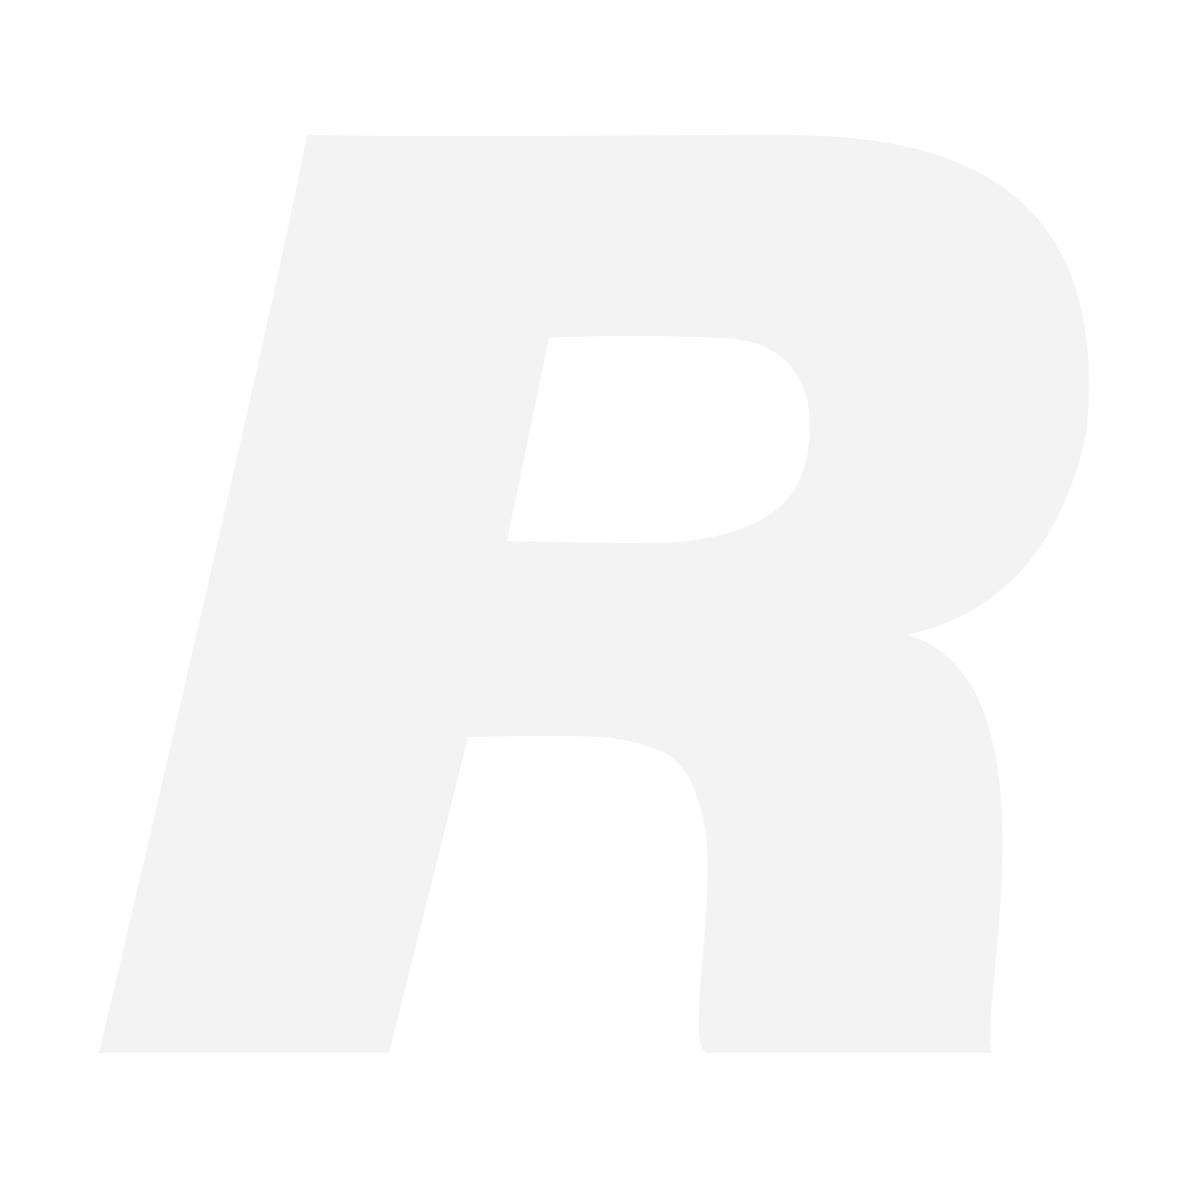 Rajala Prowebstore lahjakortti Flex